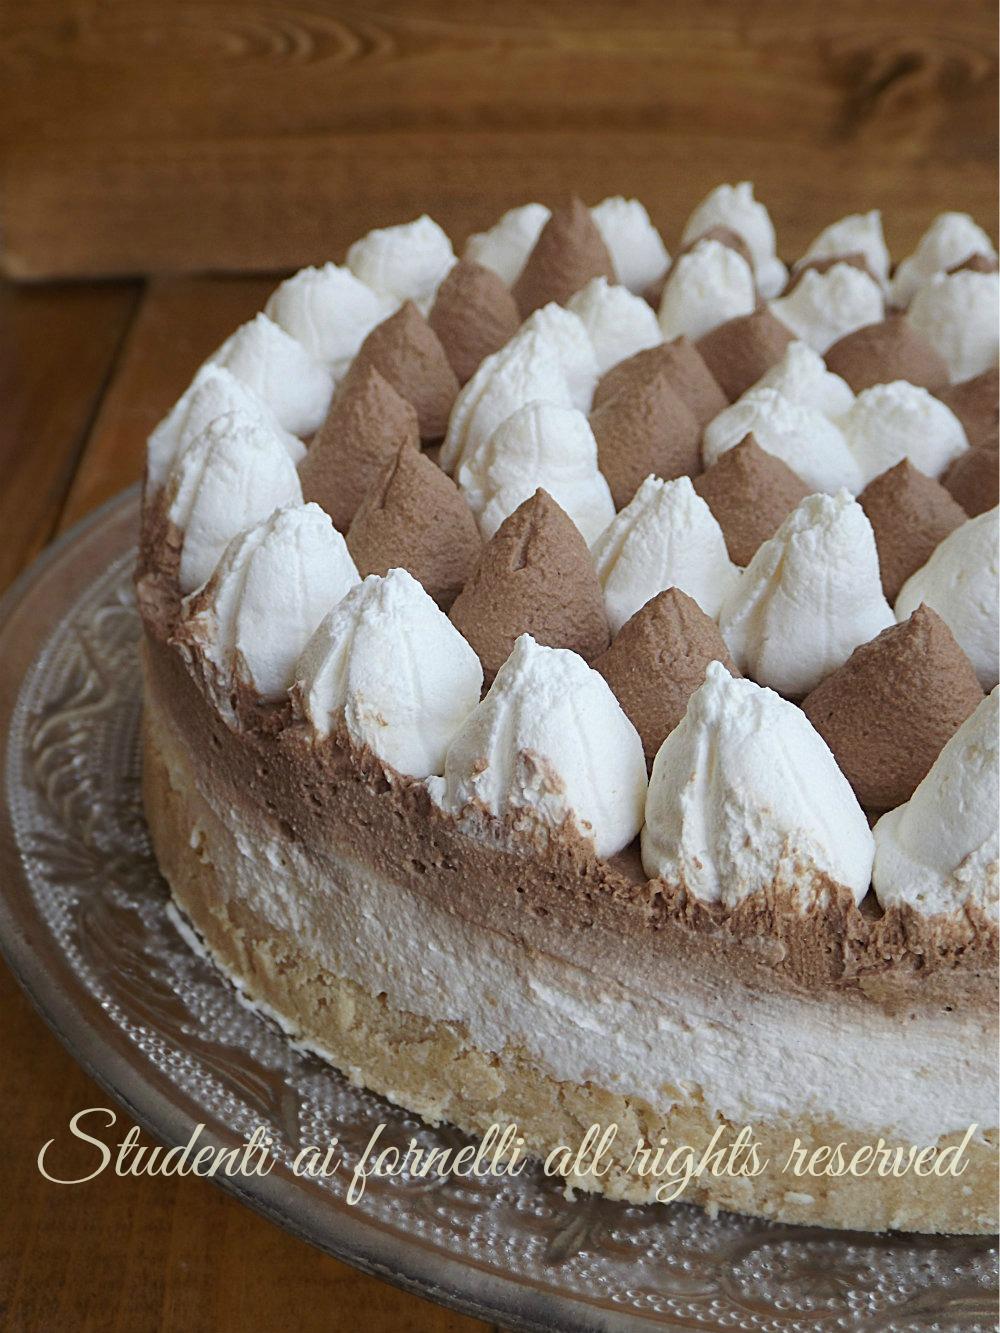 Torta gelato vaniglia e cioccolato senza gelatiera ricetta for Ricette di torte gelato